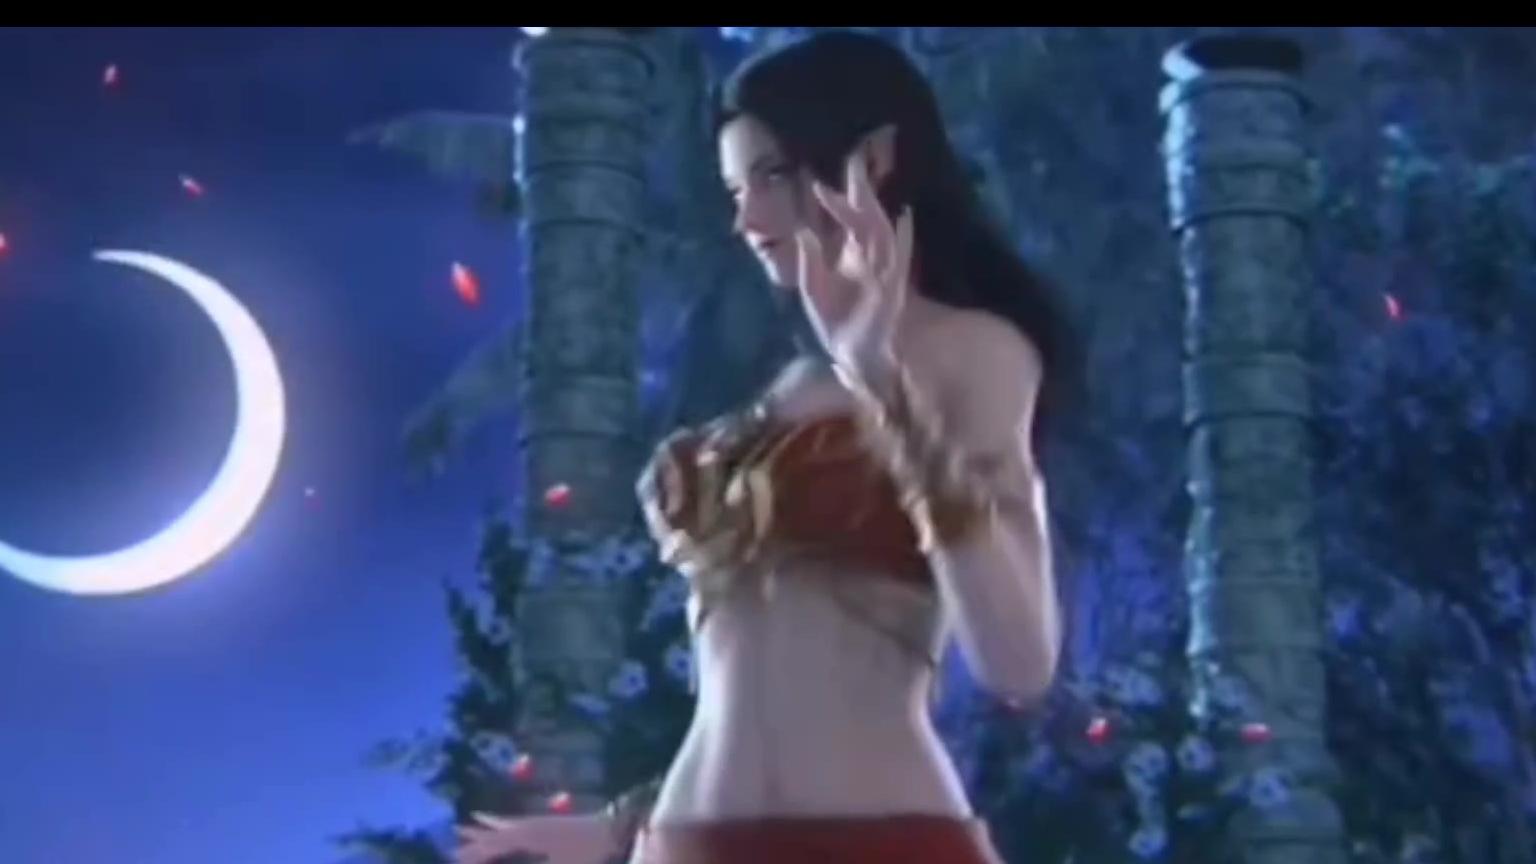 国漫女神群舞,雪女、杜丽莎、焰灵姬......全是人间绝色!